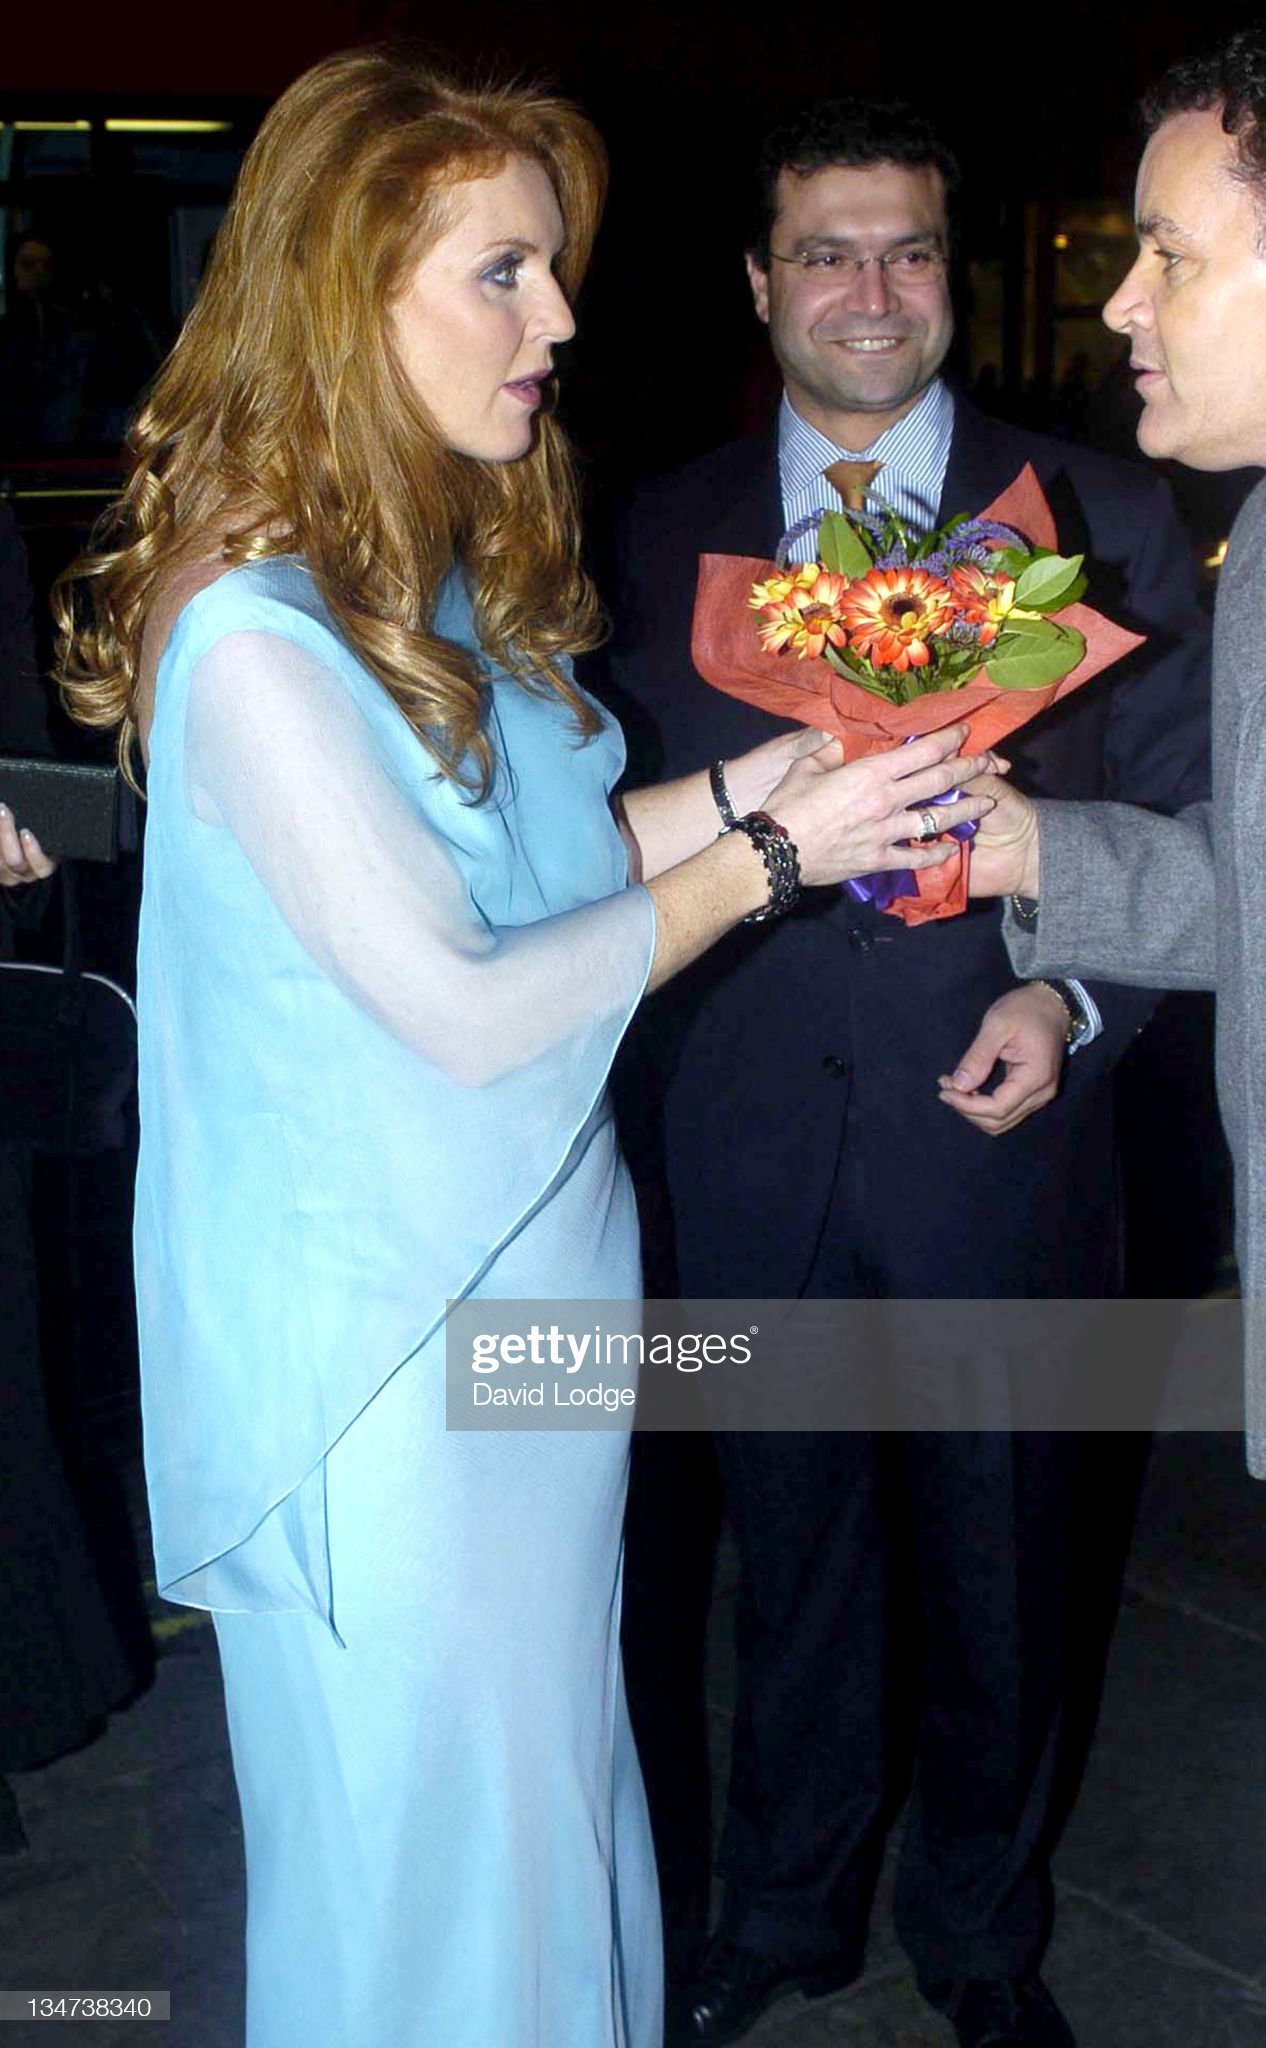 Вечерние наряды Отем пока еще Филлипс и Сары Йоркской Children In Crisis Charity Ball - Arrivals : News Photo